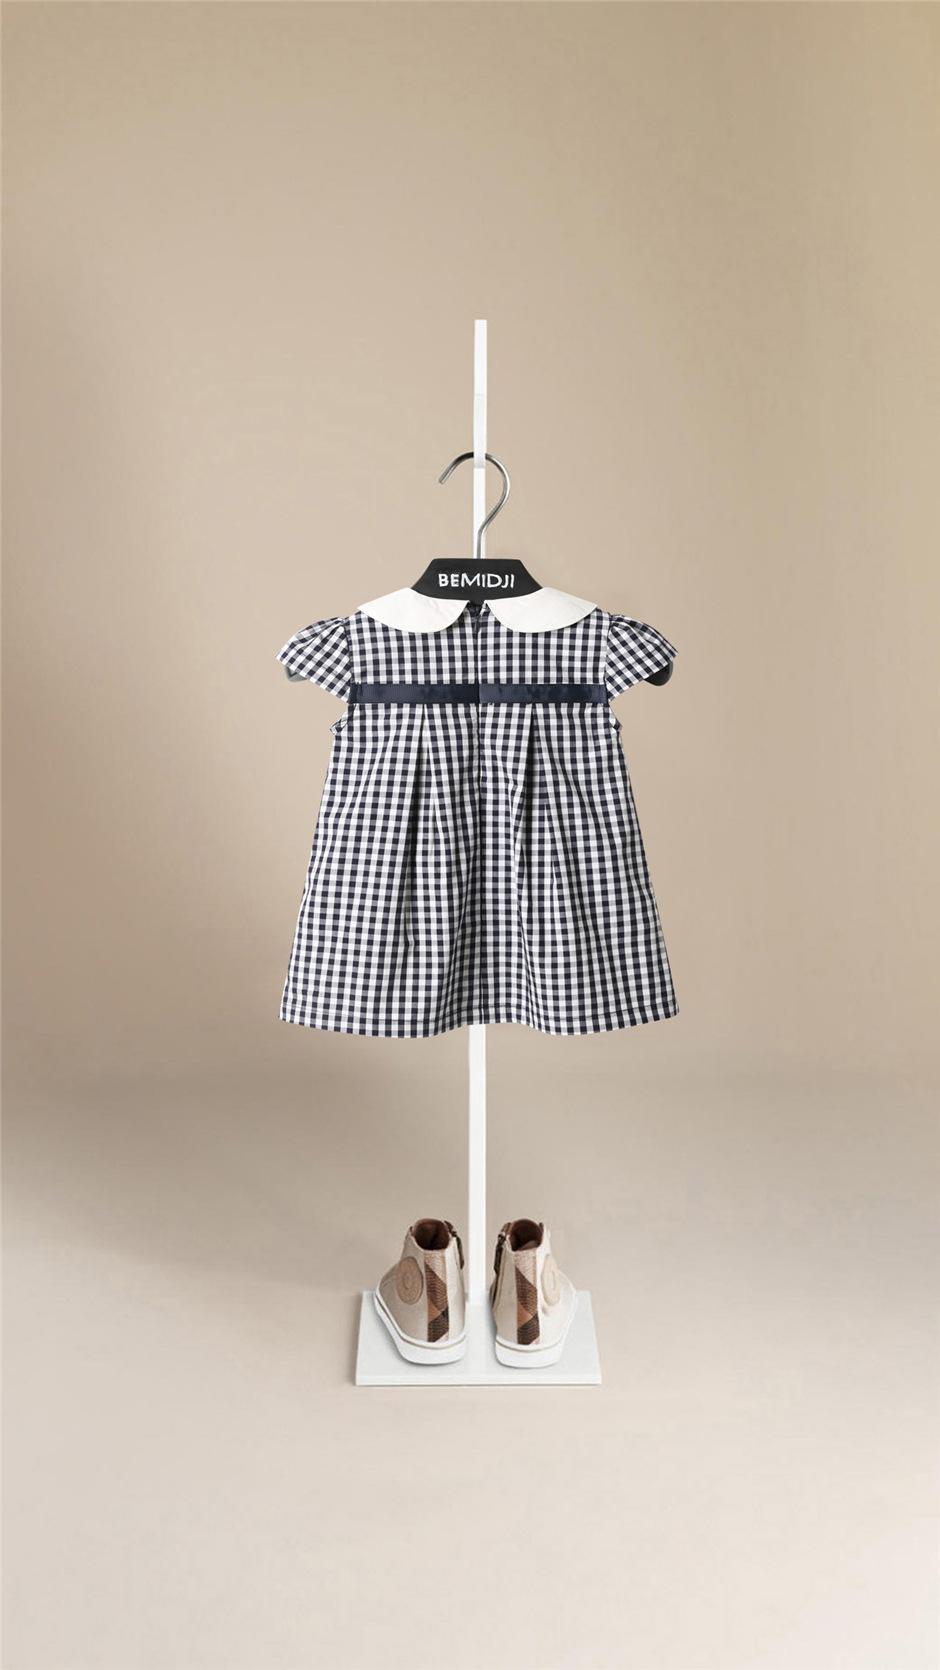 儿童格子连身裙女童纯棉公主裙夏装婴儿娃娃领短袖裙卡其色网红裙详细照片